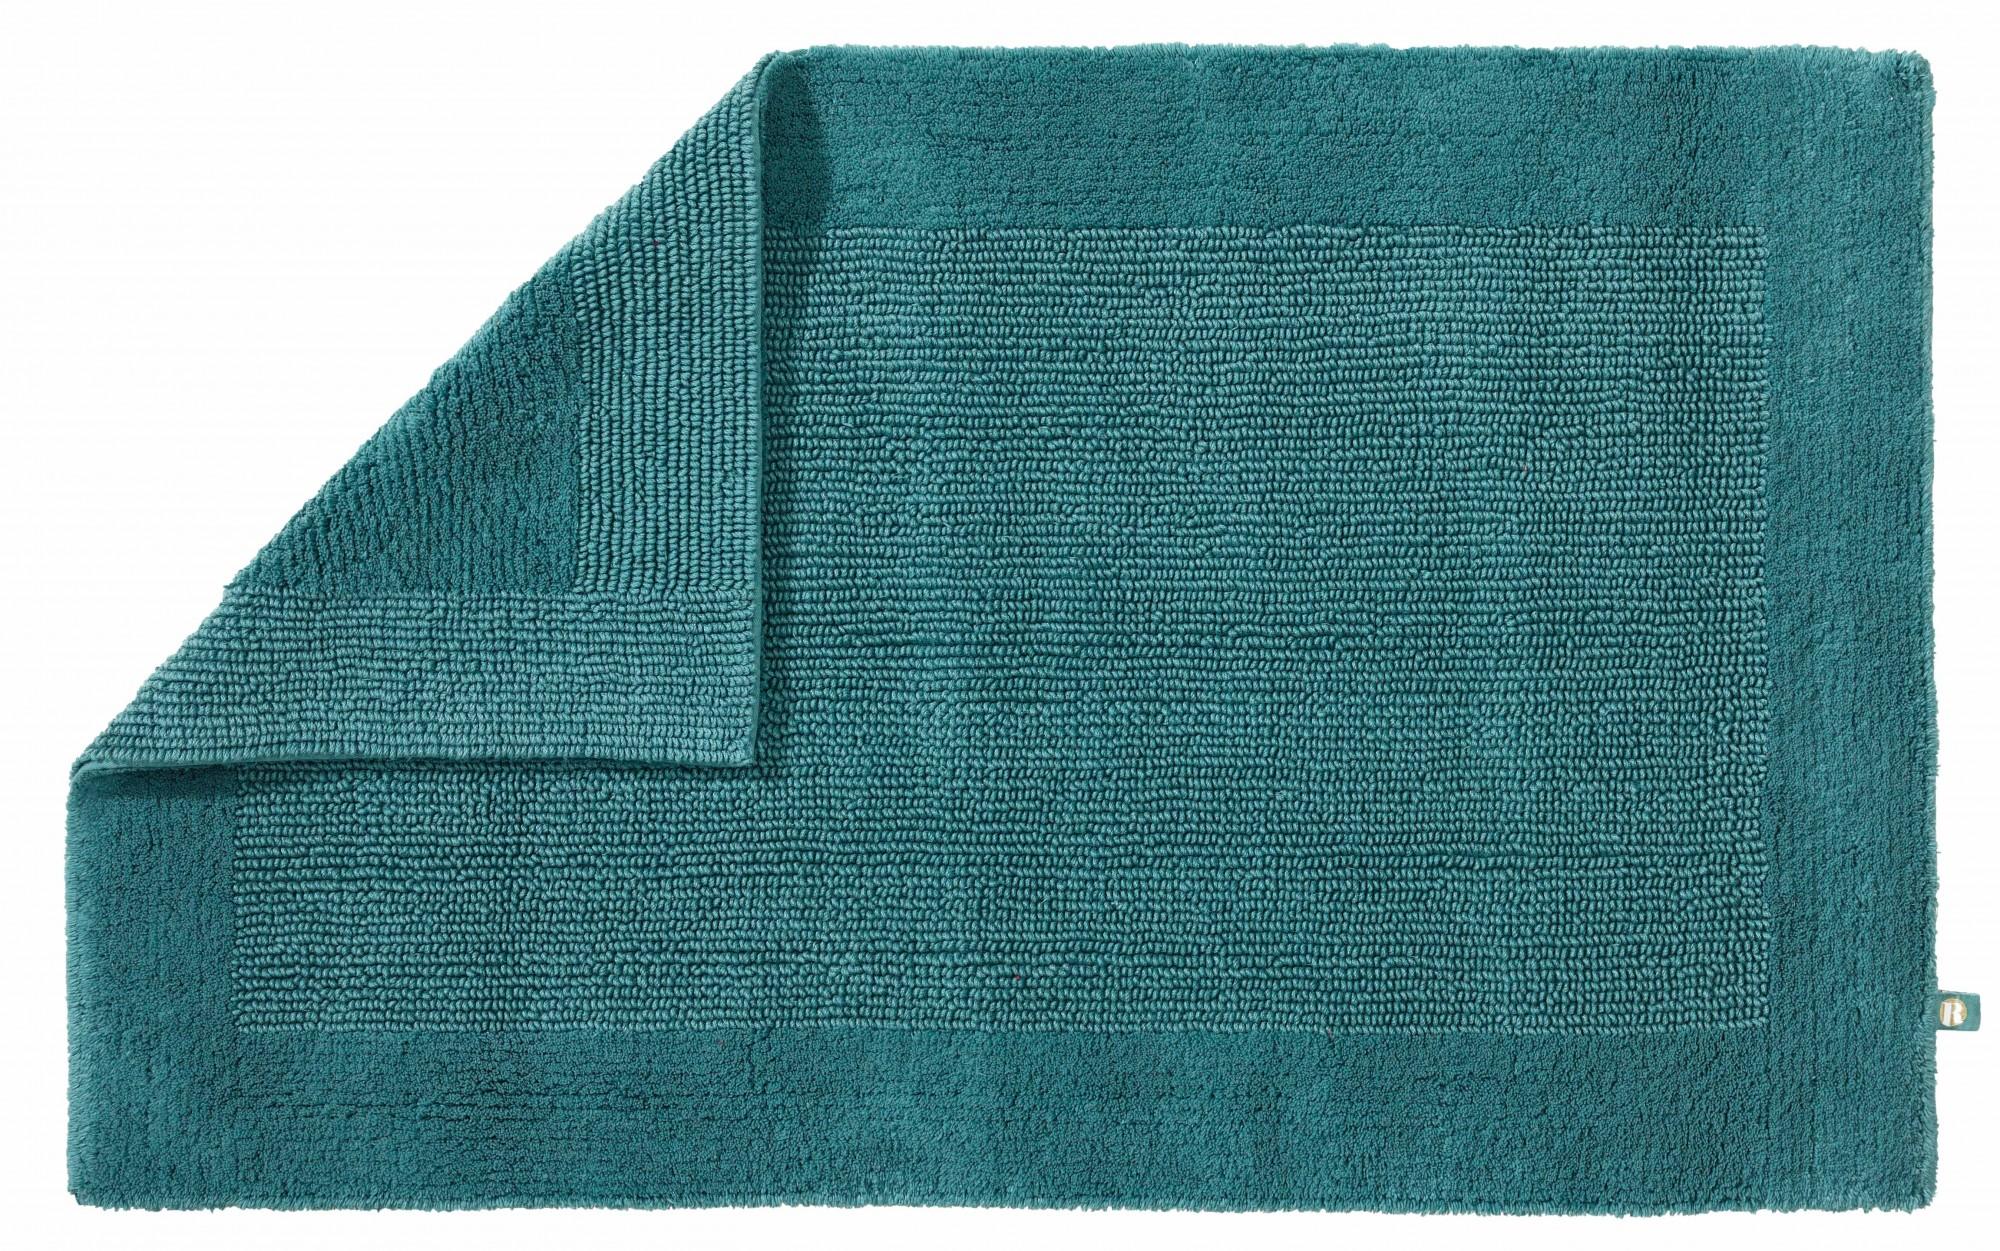 Badteppich Prestige Von Rhomtuft 100 Baumwolle Wendemodell